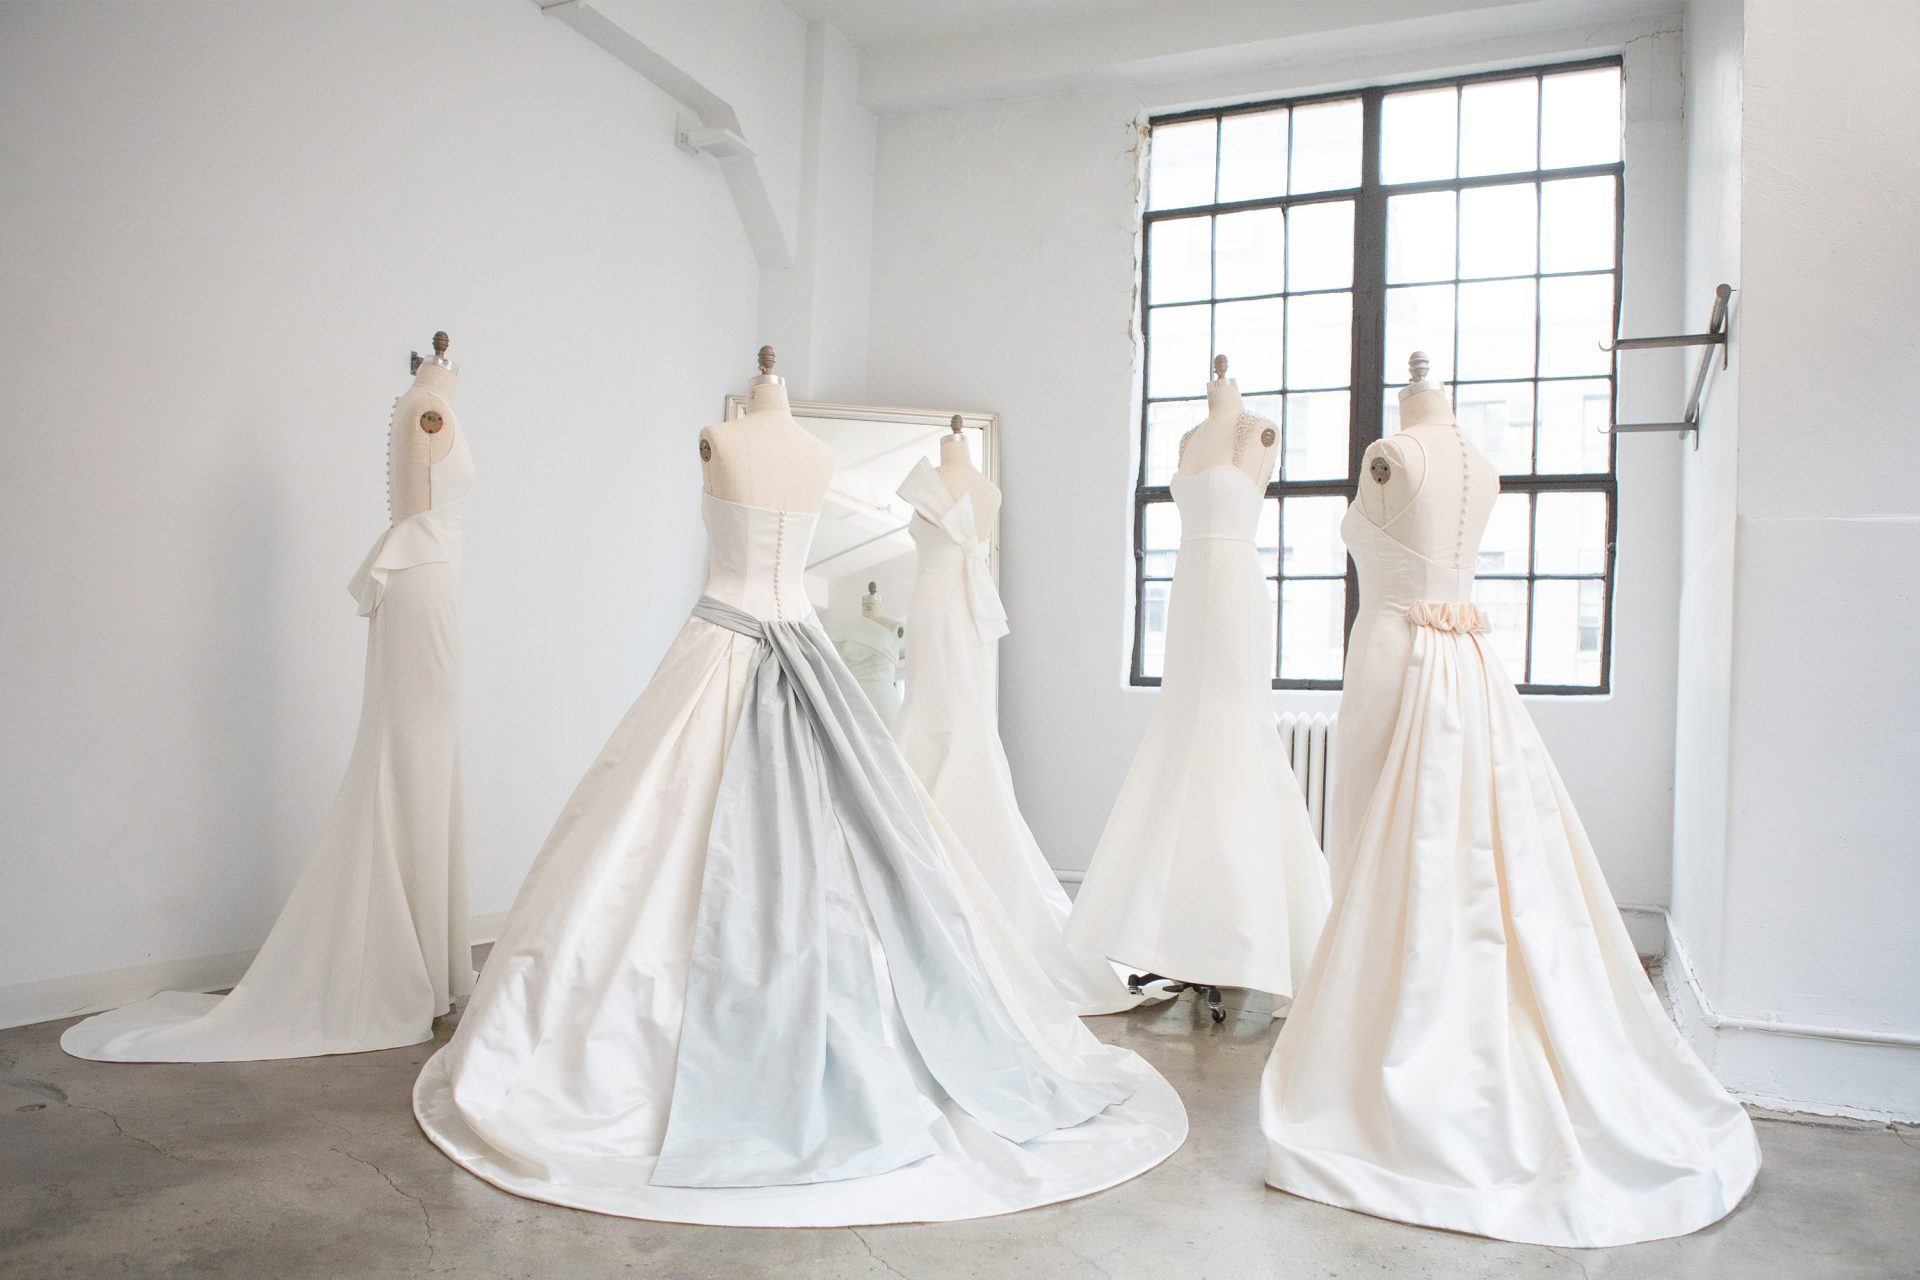 ザ・トリート・ドレッシングがブライダル業界の最新トレンドについてレポート。2021年におすすめのドレスもご紹介しています。